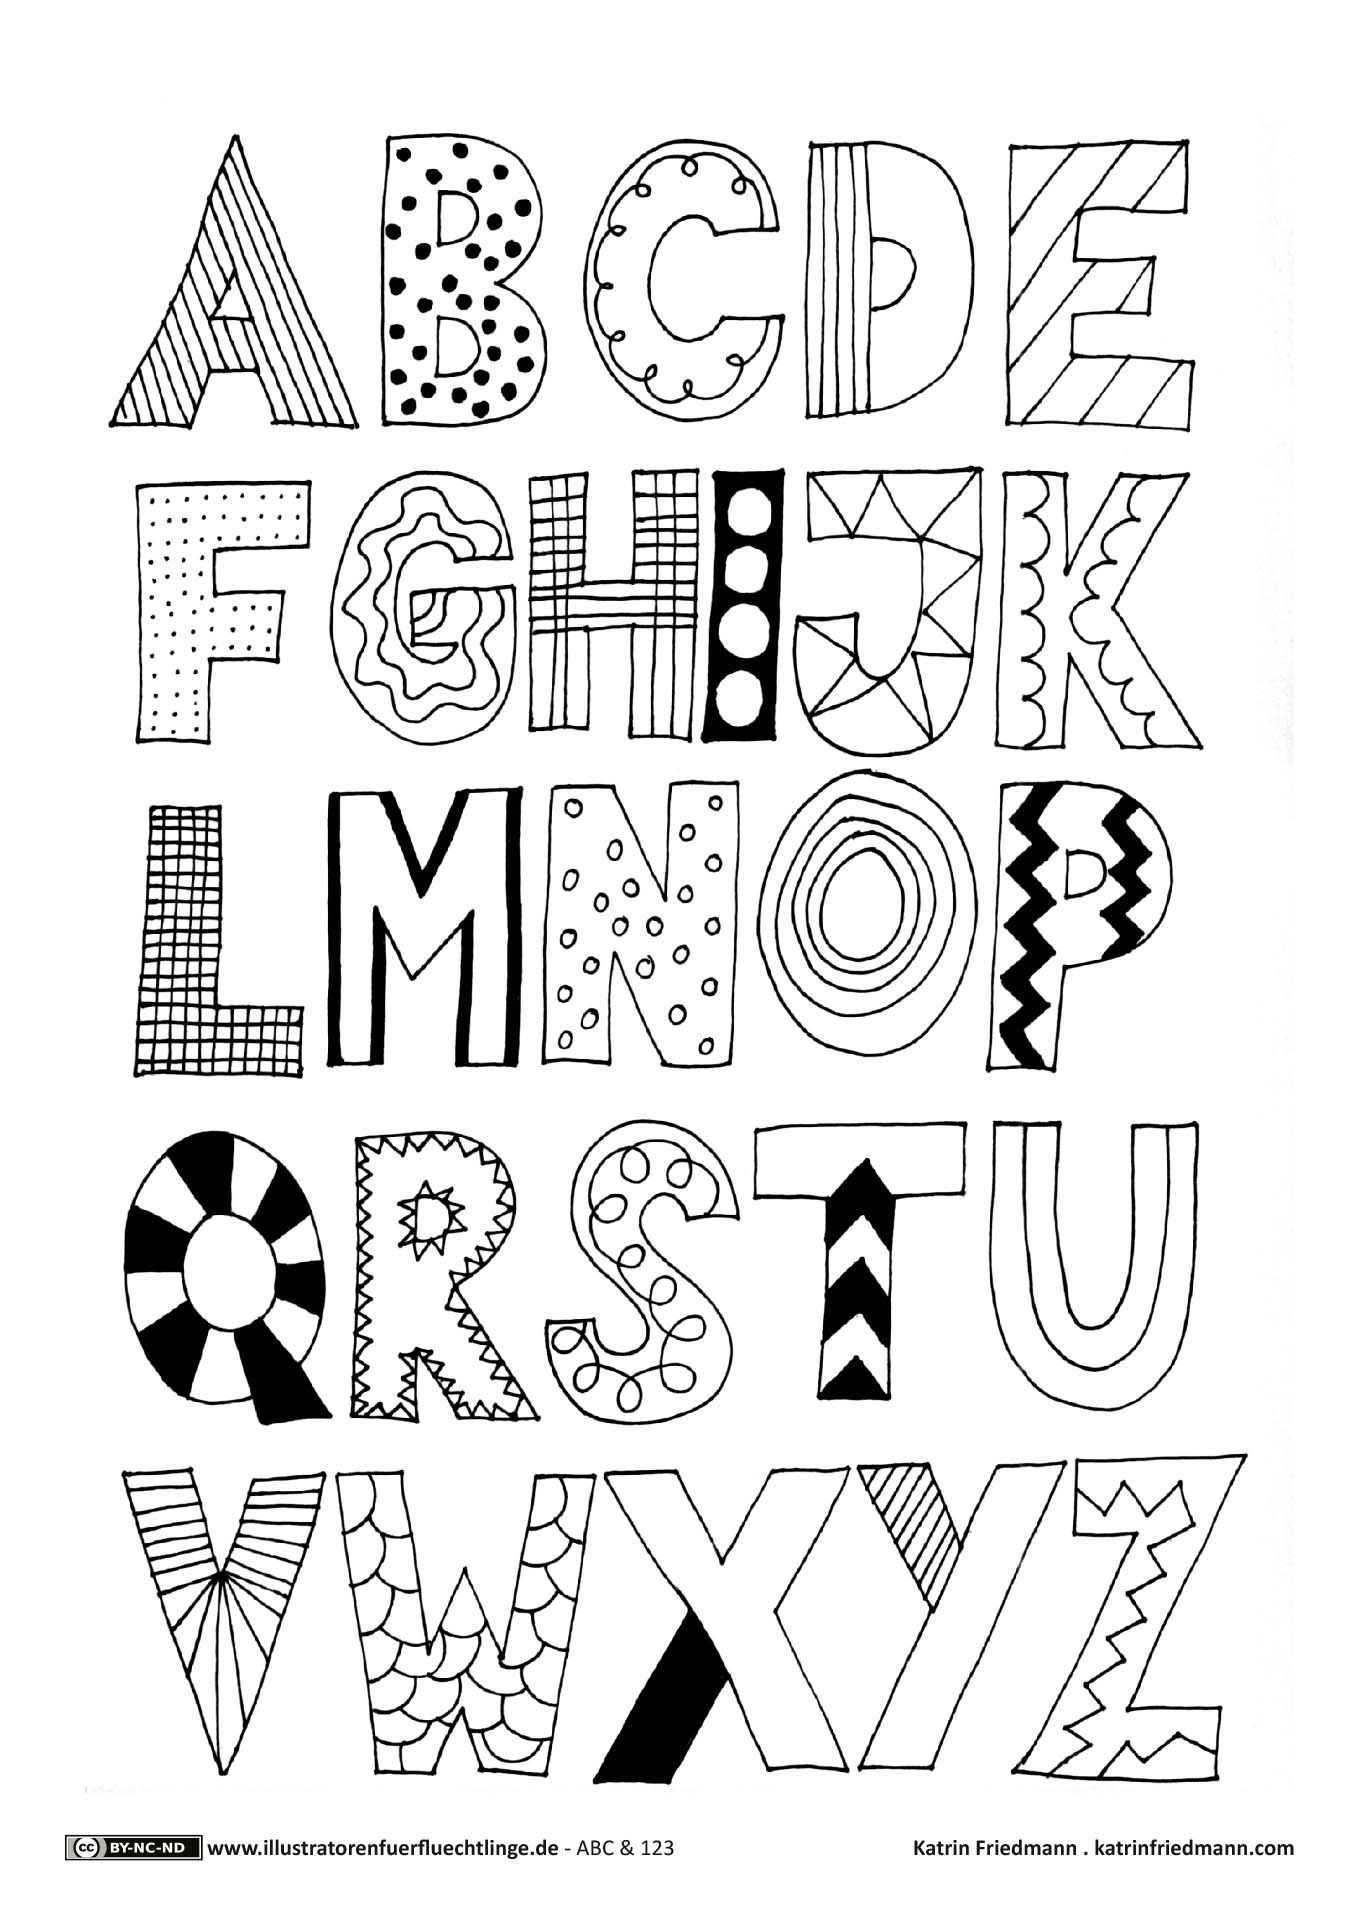 Pin Von Veronica Gomez Auf Alphabet Kreativer Schriftzug Handschriftliche Schriften Handlettering Abc